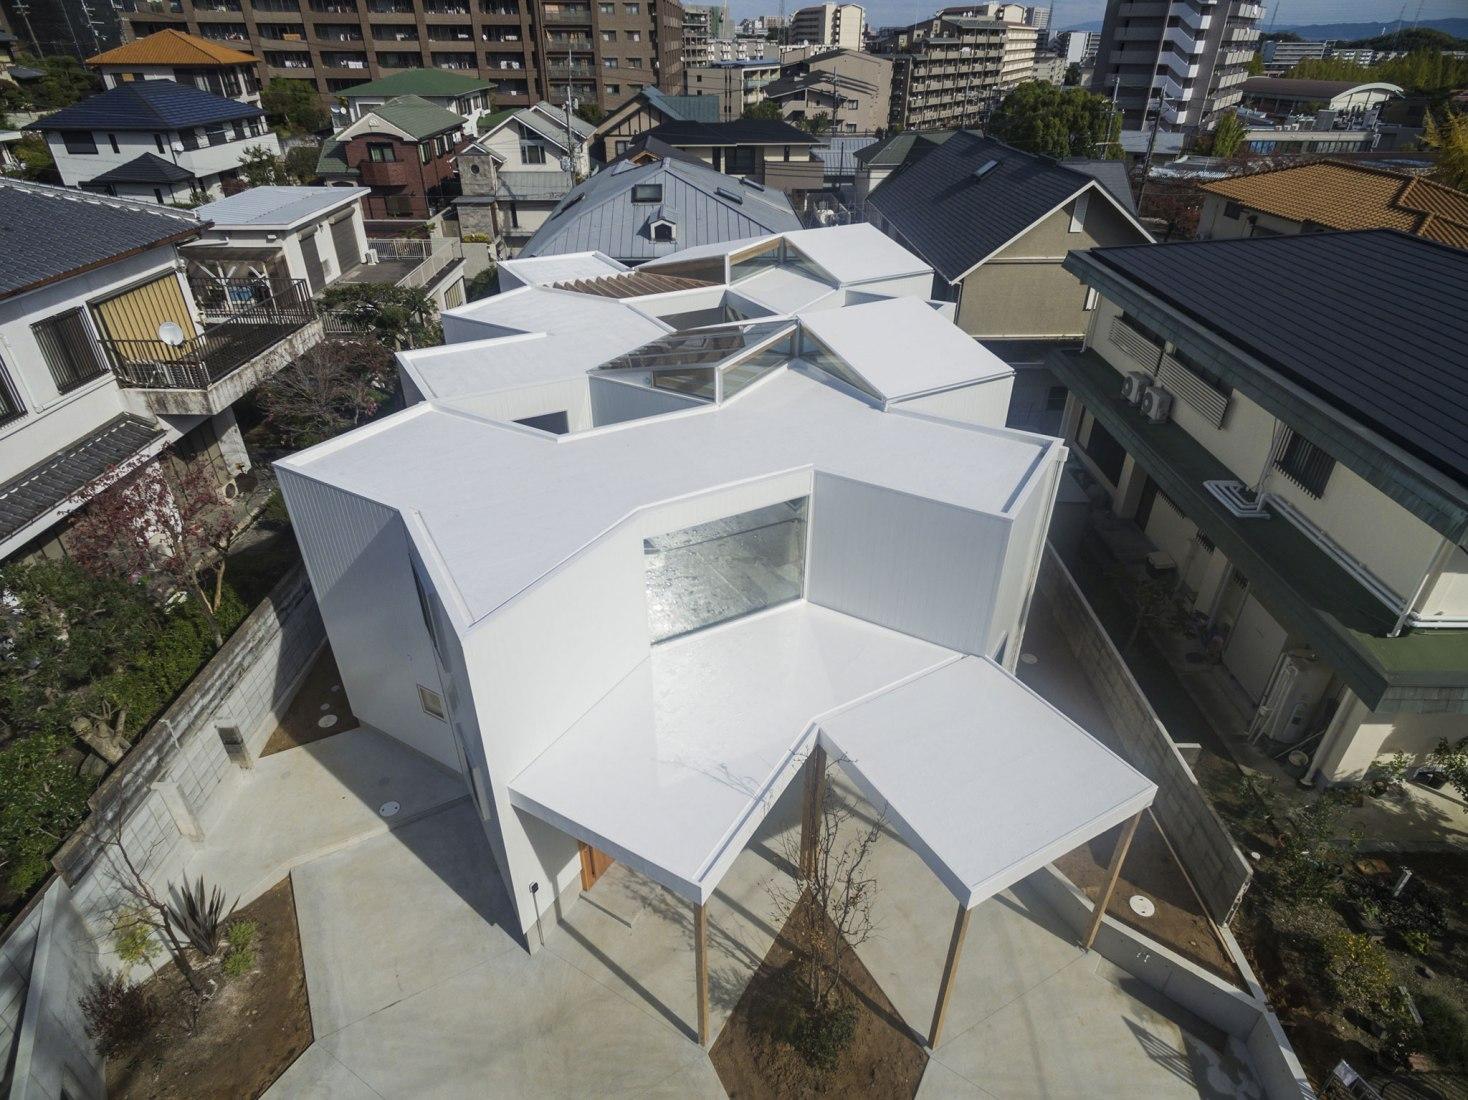 Casa en Hokusetsu por Tato Architects / Yo Shimada. Fotografía por shinkenchiku sha.